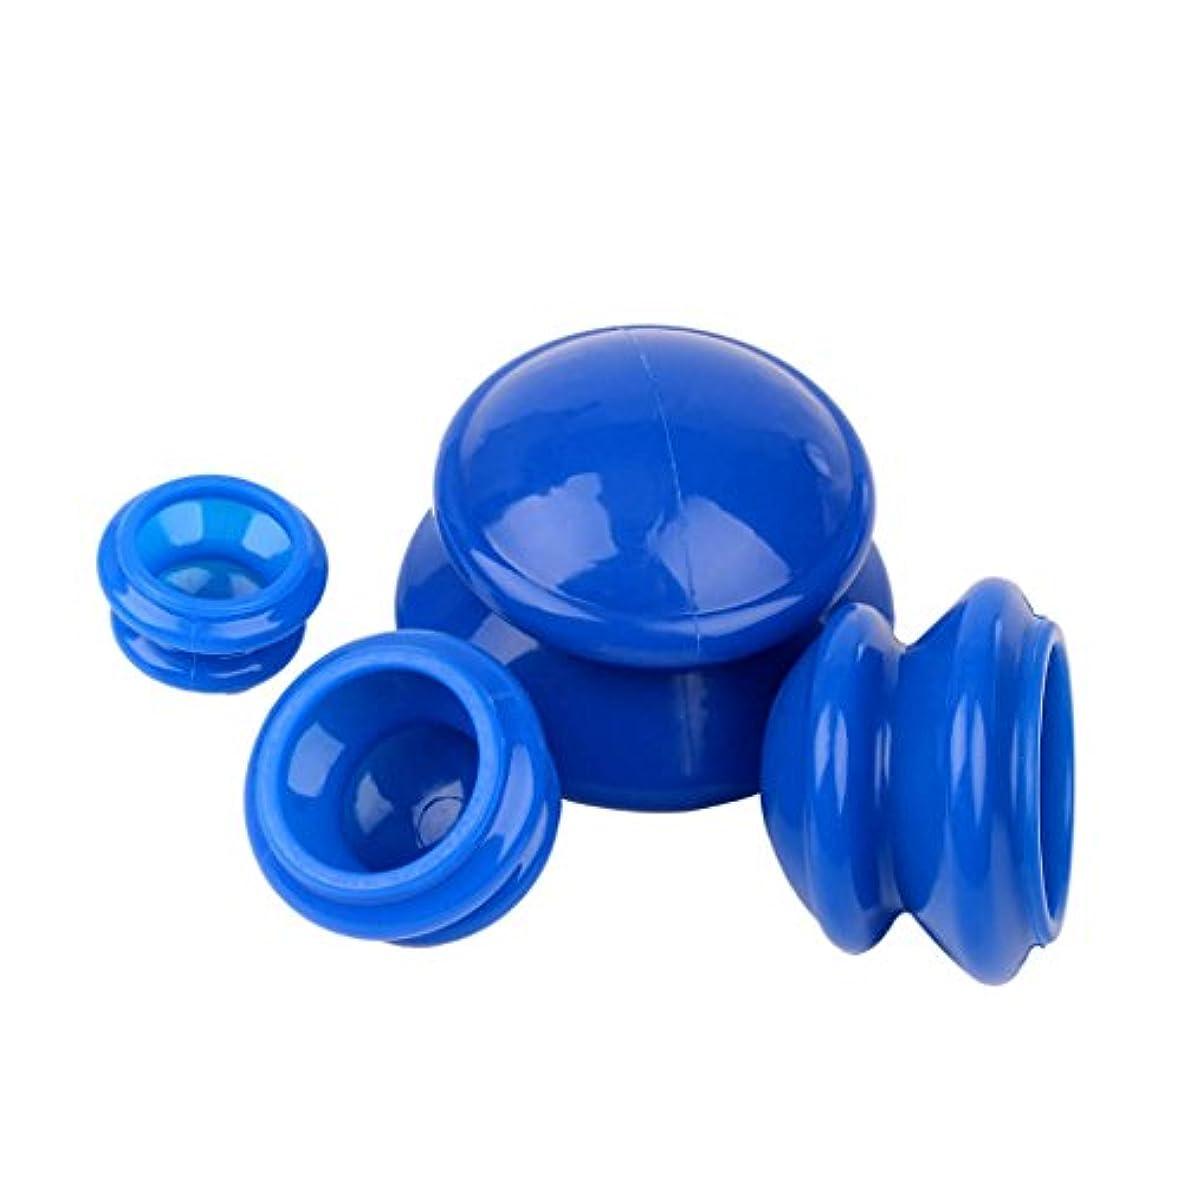 施設傾向マージン(inkint)マッサージ 吸い玉 カッピングカップ 4個セット バキュームカップ シリコーン製吸い玉 ネック 顔全身マッサージ フィットネスケア 血流促進 マッサージャー ブルー